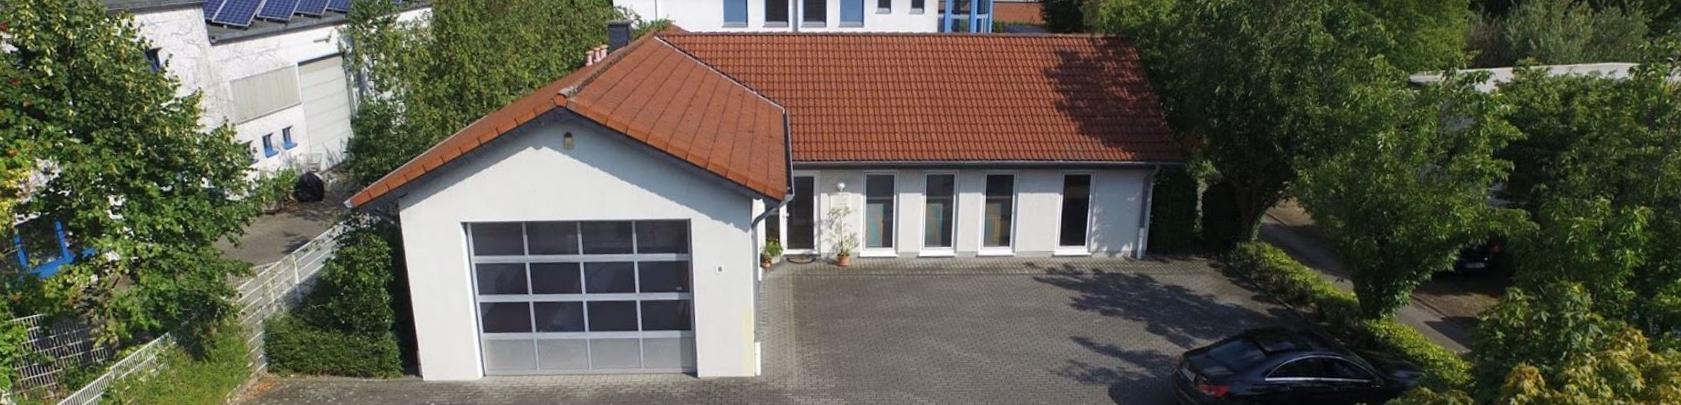 KFZ Sachverständigenbüro Mewissen & Geerkens GmbH